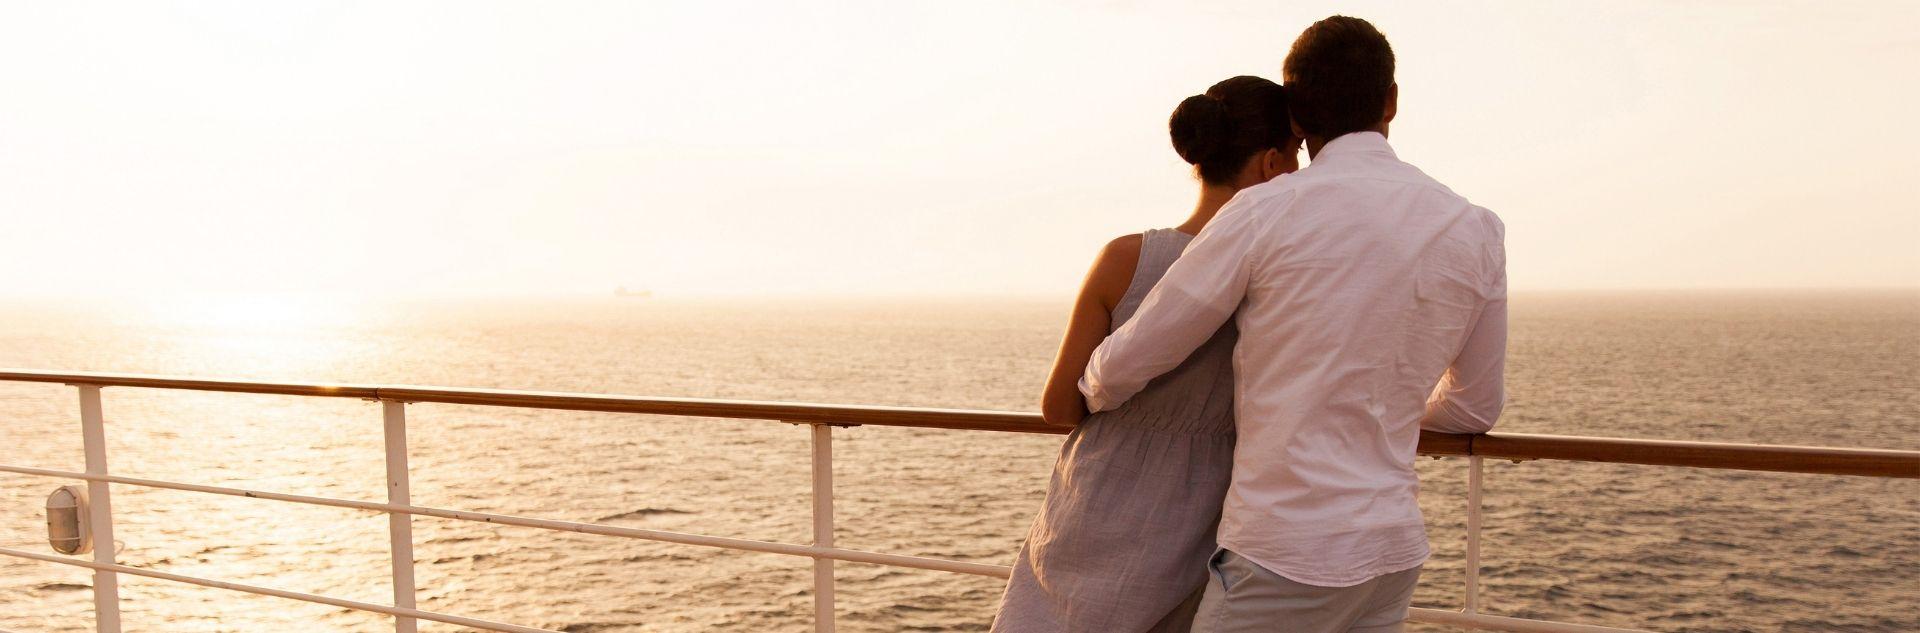 Kreuzfahrt - Paar auf Schiff - Sonnenuntergang